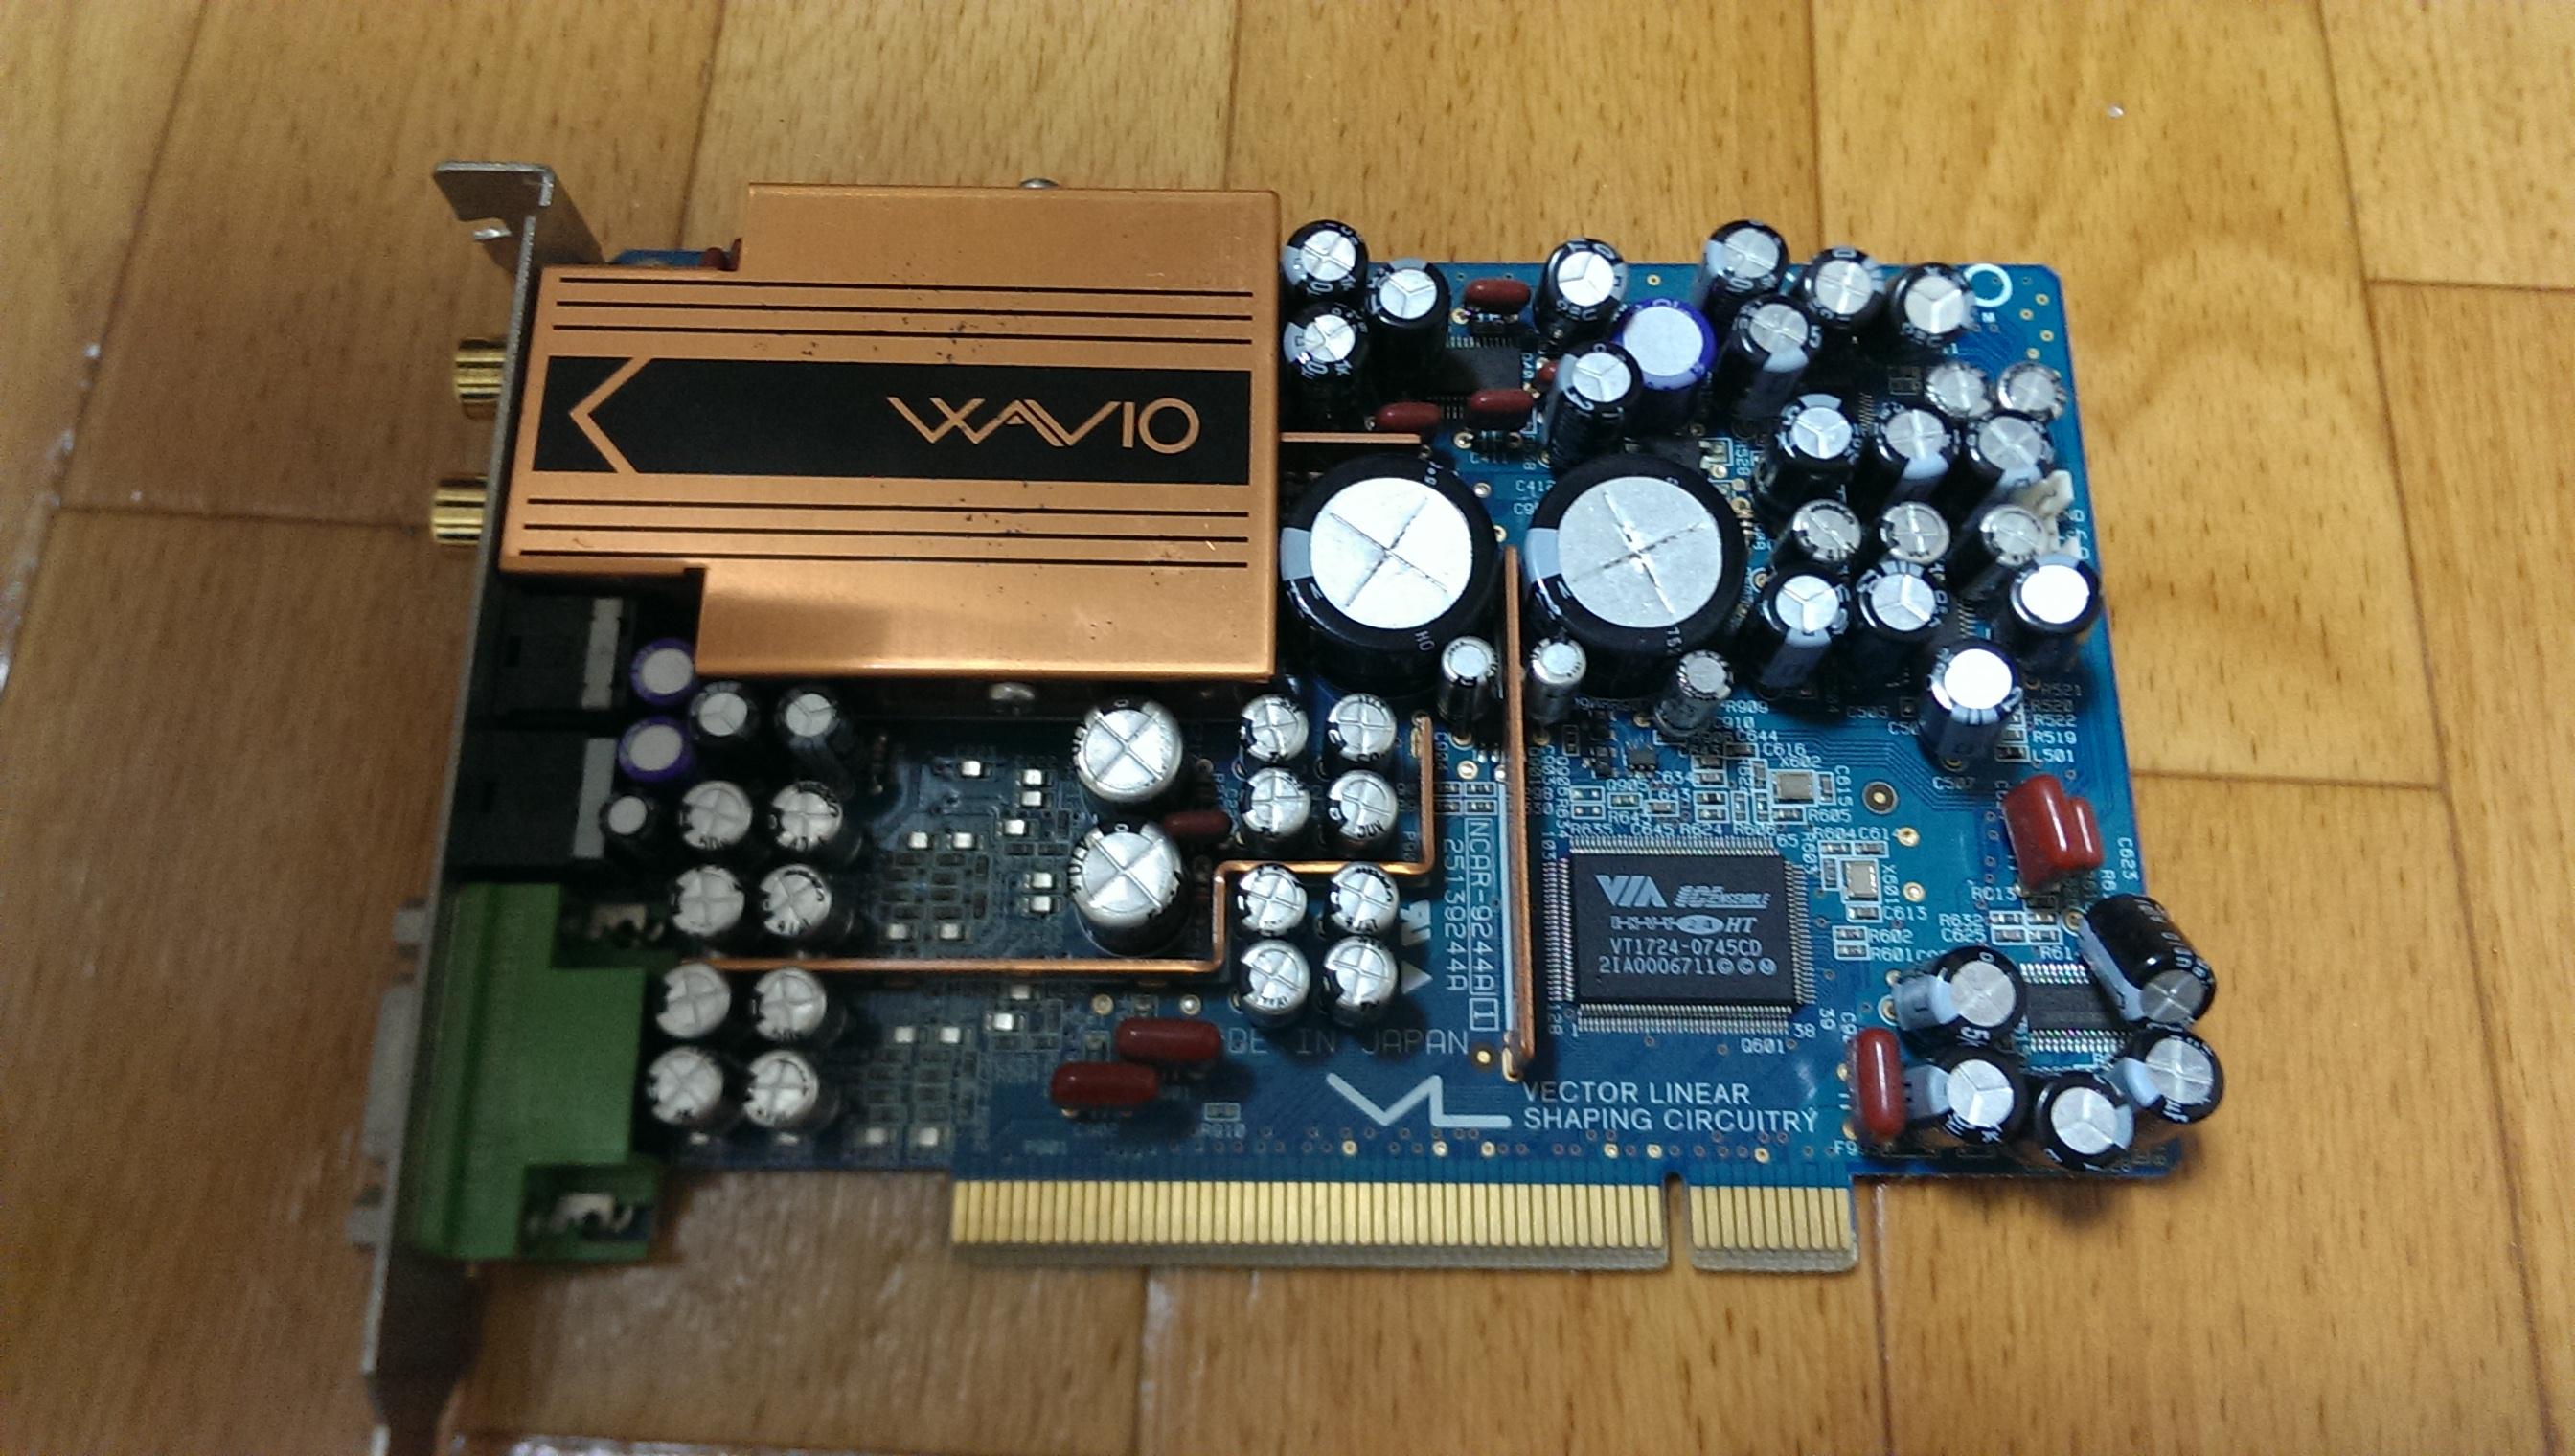 ONKYOのSE-200PCI LTDを使ってみた